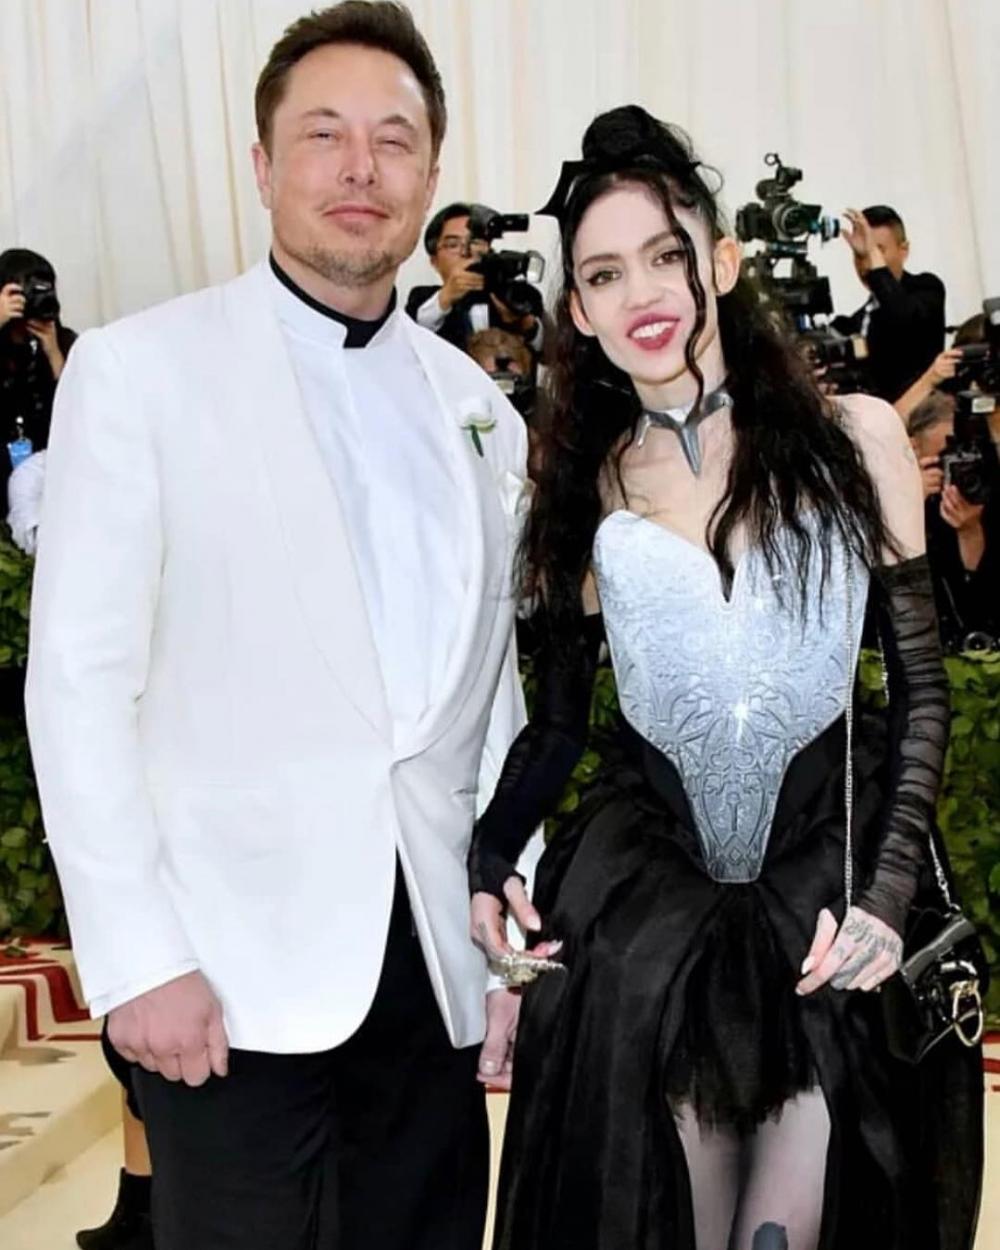 與Tesla與SpaceX的創辦人Elon Musk的3年戀情